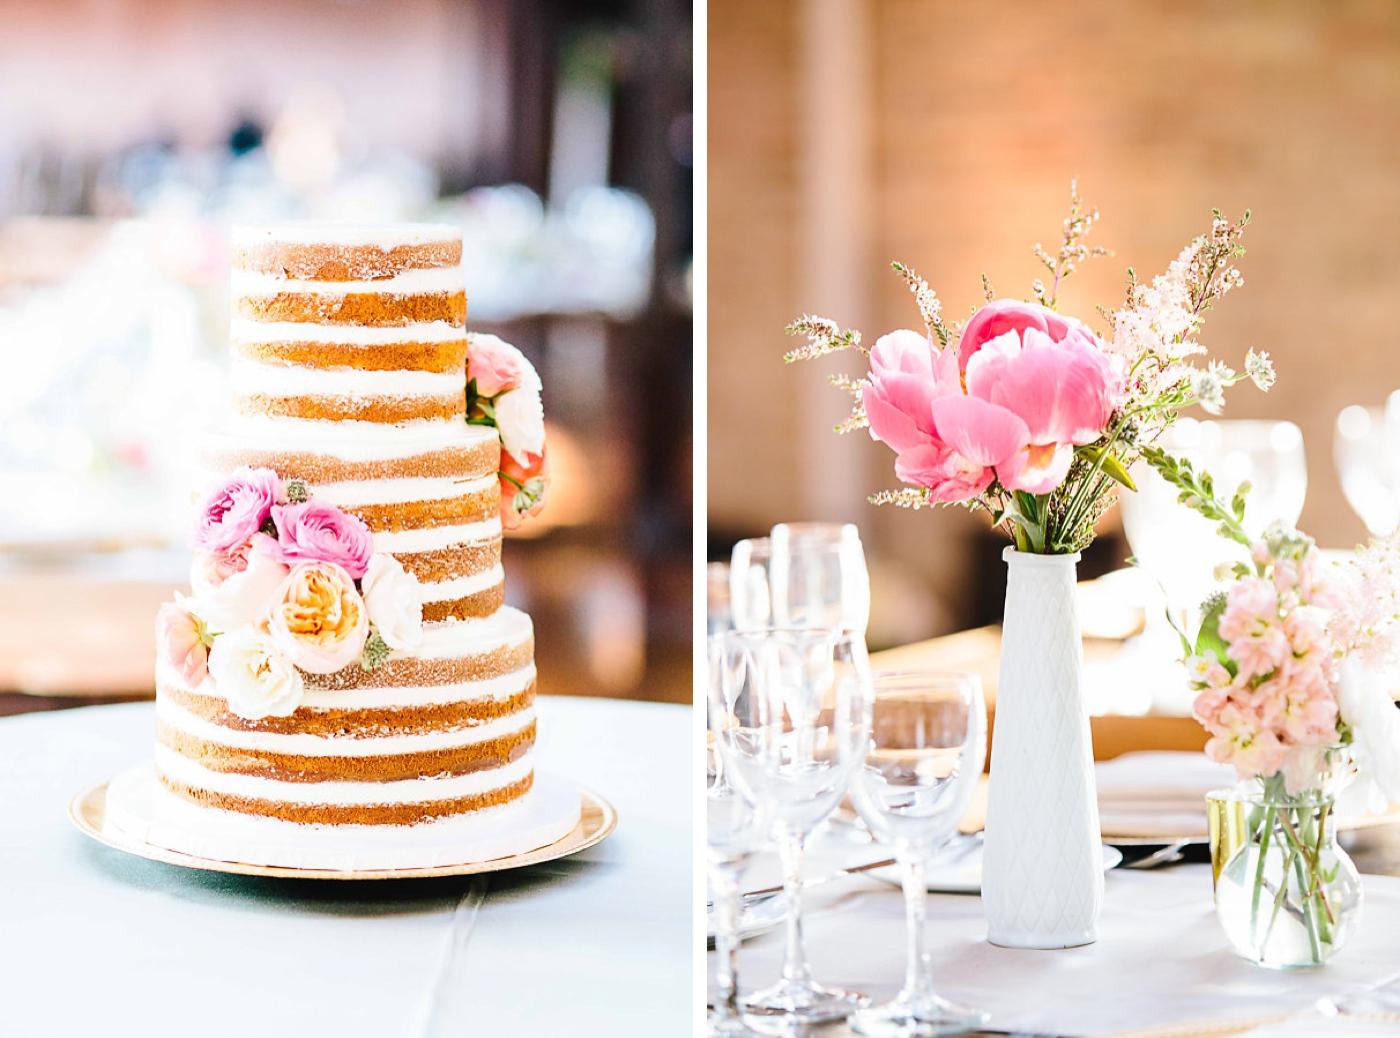 chicago-fine-art-wedding-photography-hrebic9